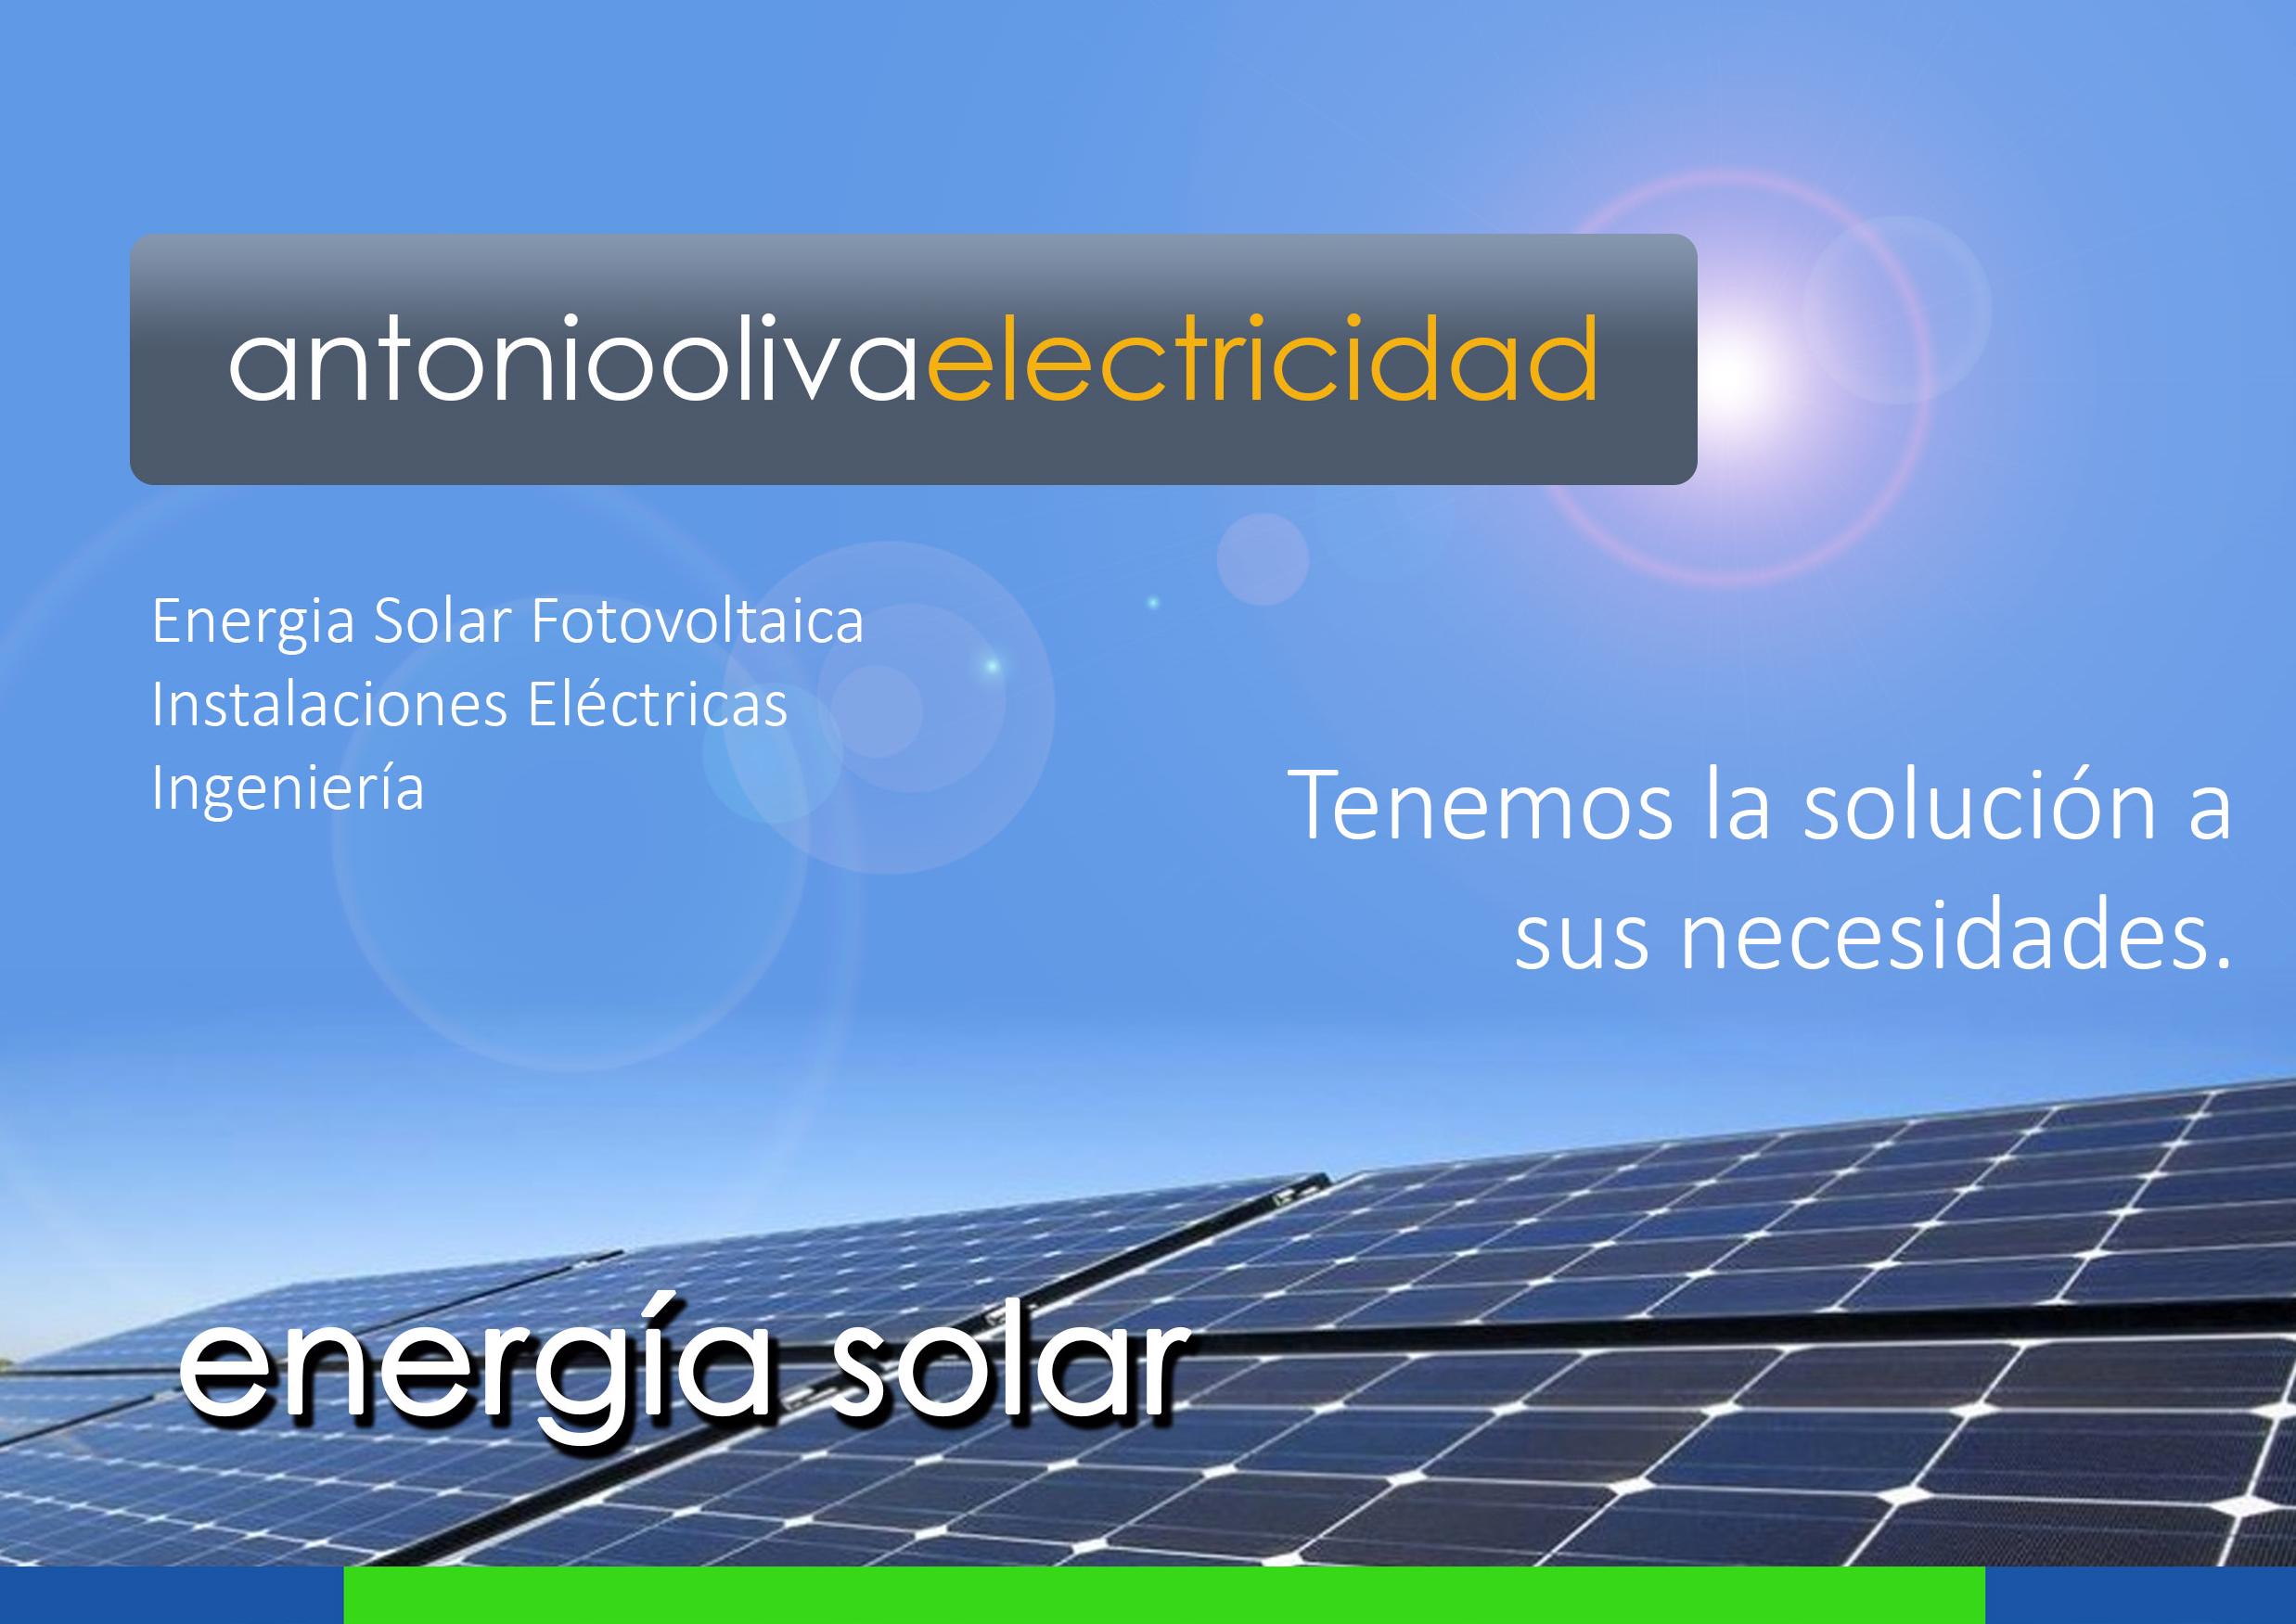 Antonio Oliva Electricidad